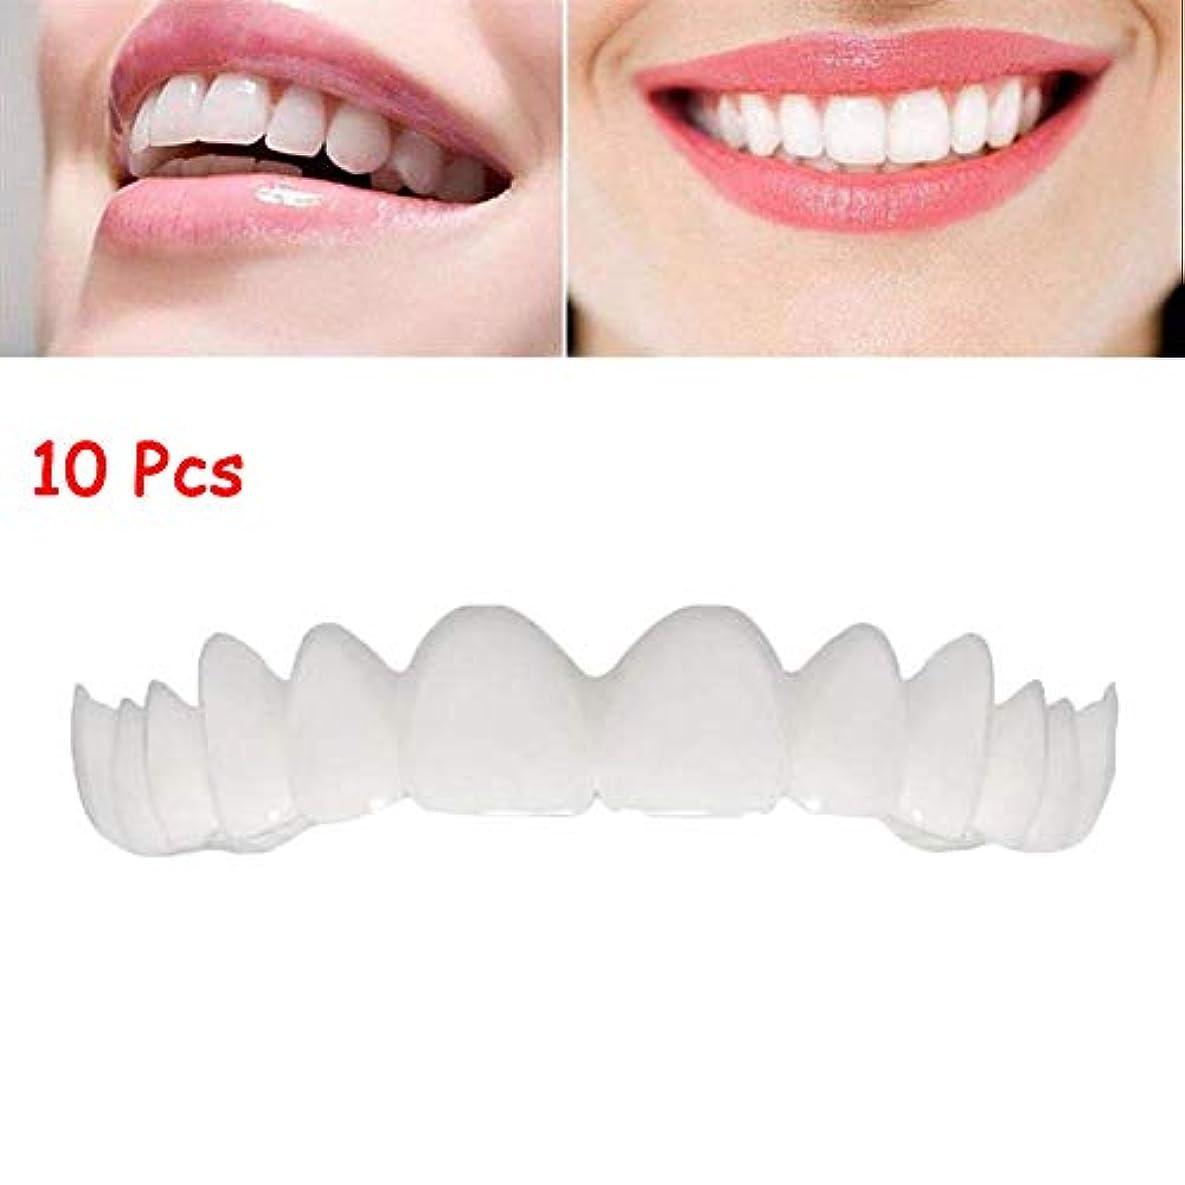 貢献する年次隠す10個の一時的な化粧品の歯の義歯は歯を白くするブレースを模擬